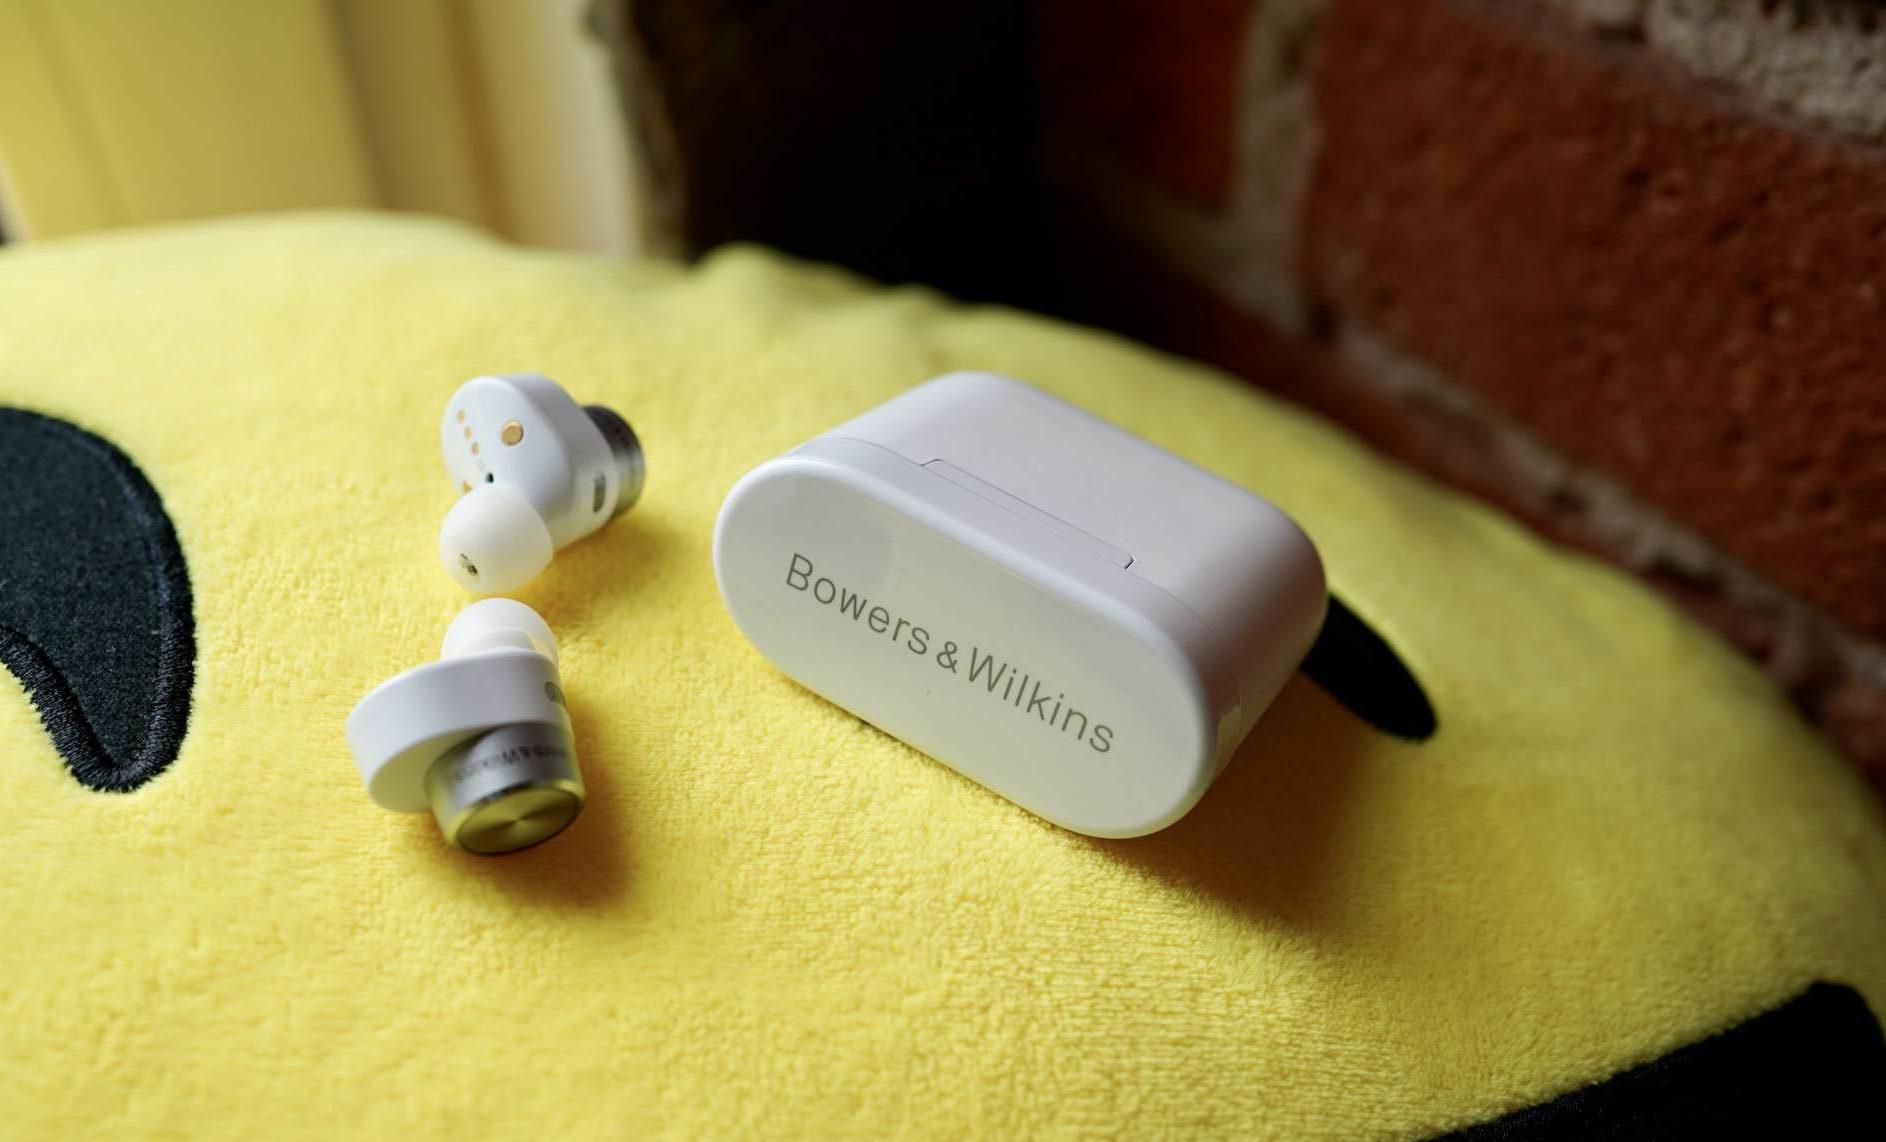 https://techobig.com/wp-content/uploads/2021/07/1625477962_Bowers-Wilkins-PI5-headphone-review-Wylsacom-e1625583914128-1024x620.jpg